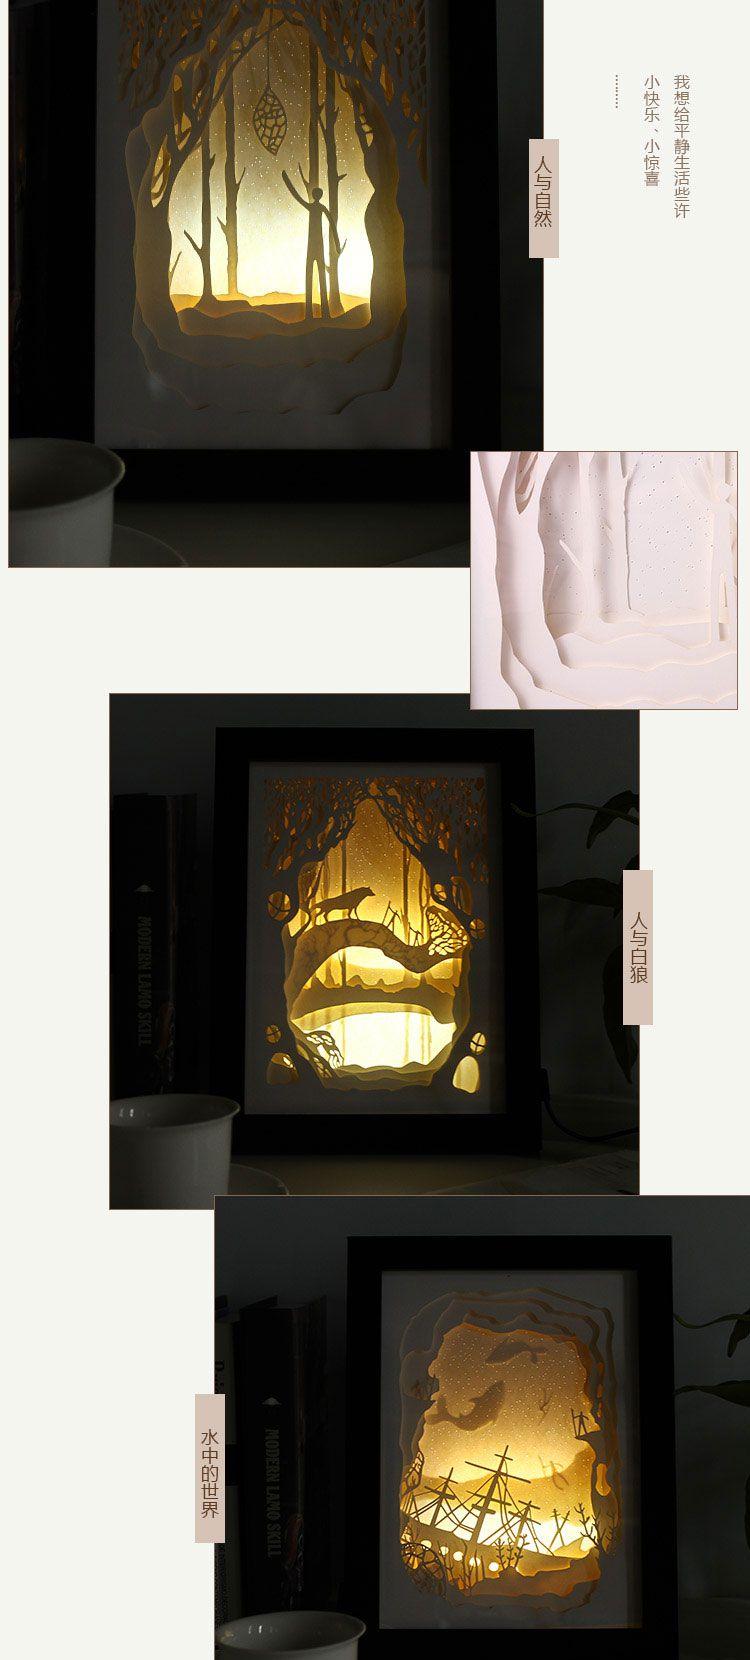 (鹿王)立体风景纸雕装饰画小夜灯